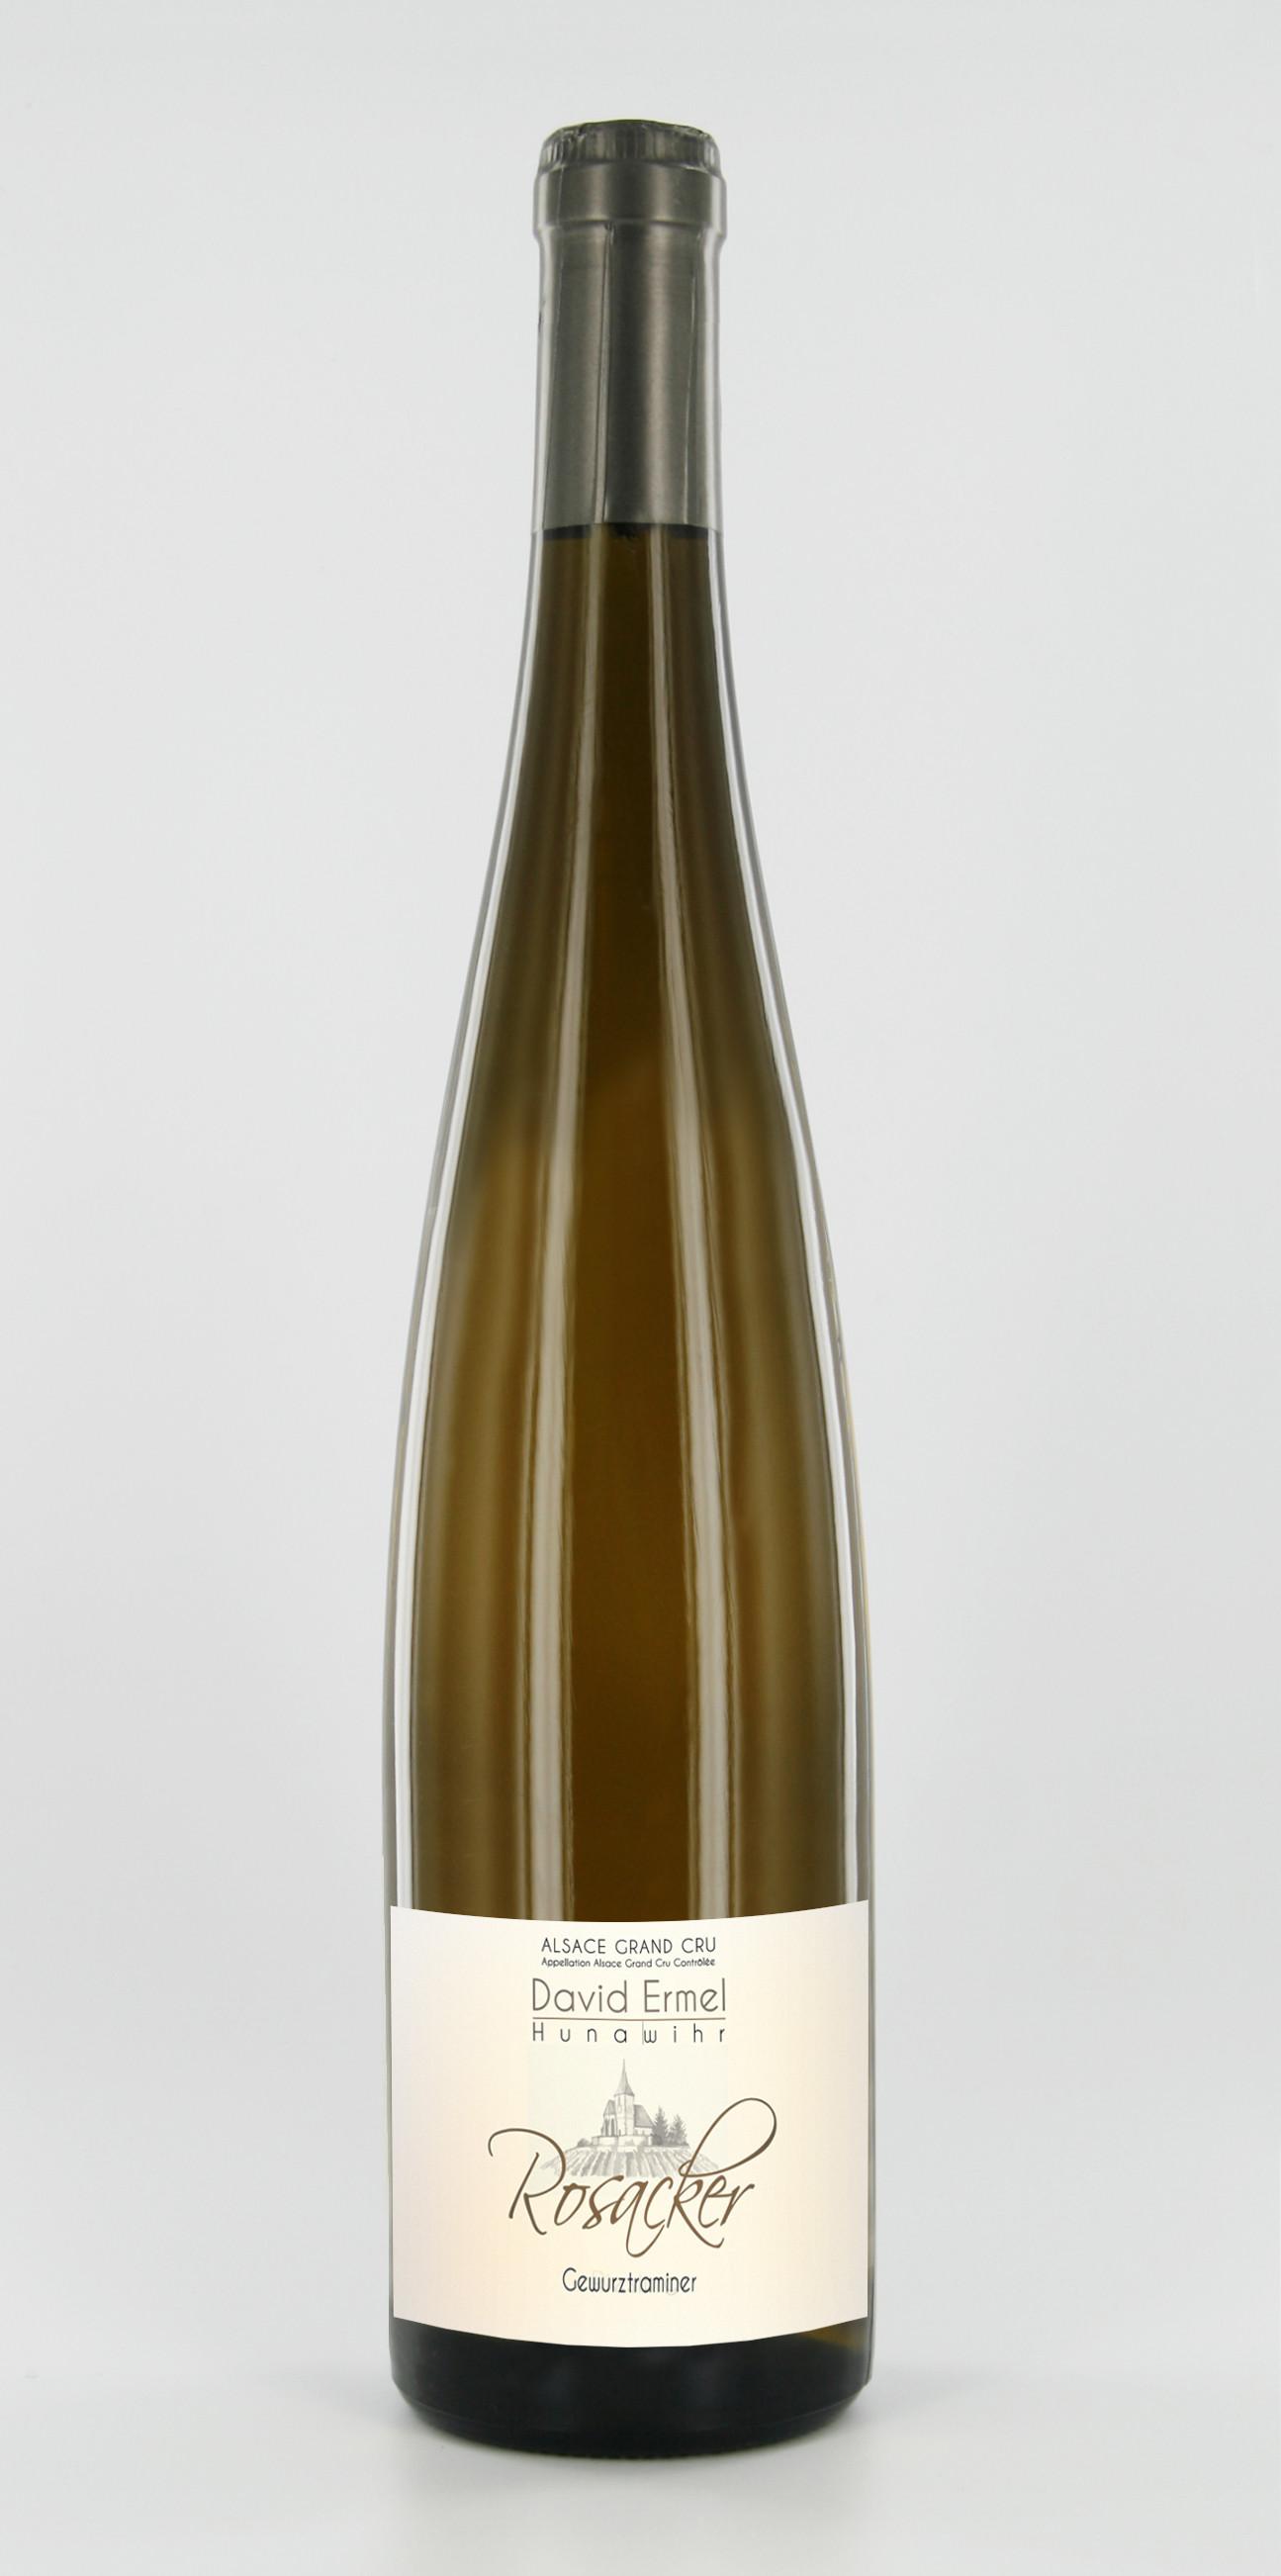 Gewurztraminer Rosacker Vins Hunawihr Alsace